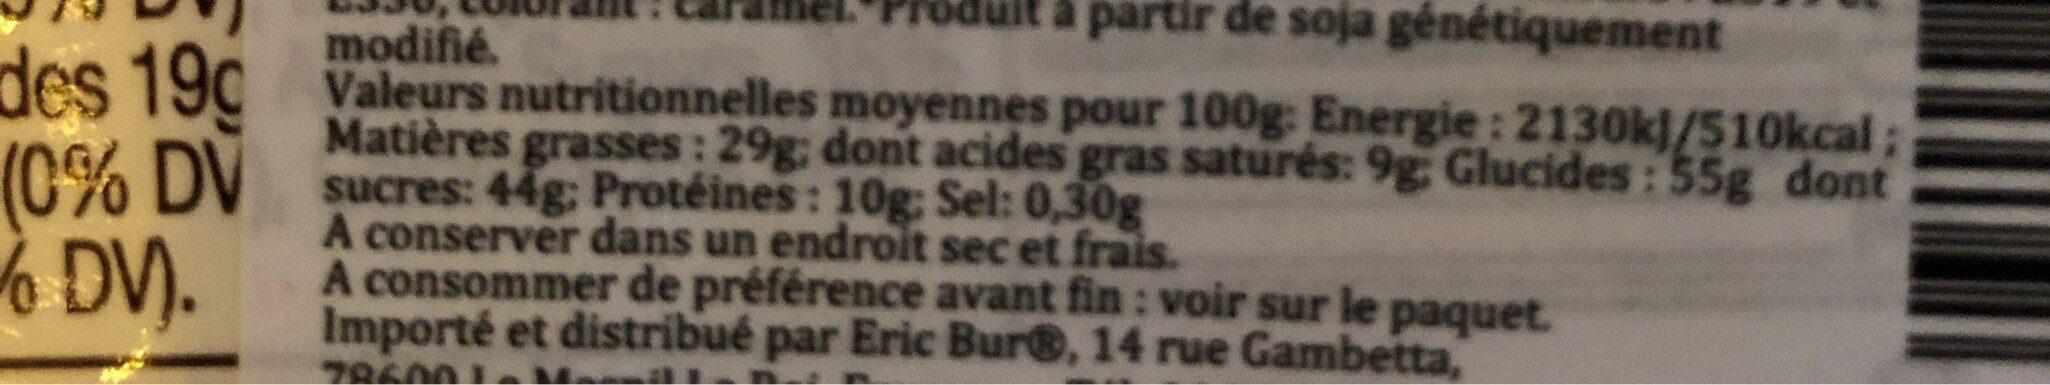 Barre Chocolat Beurre de cacahuètes - Informations nutritionnelles - fr